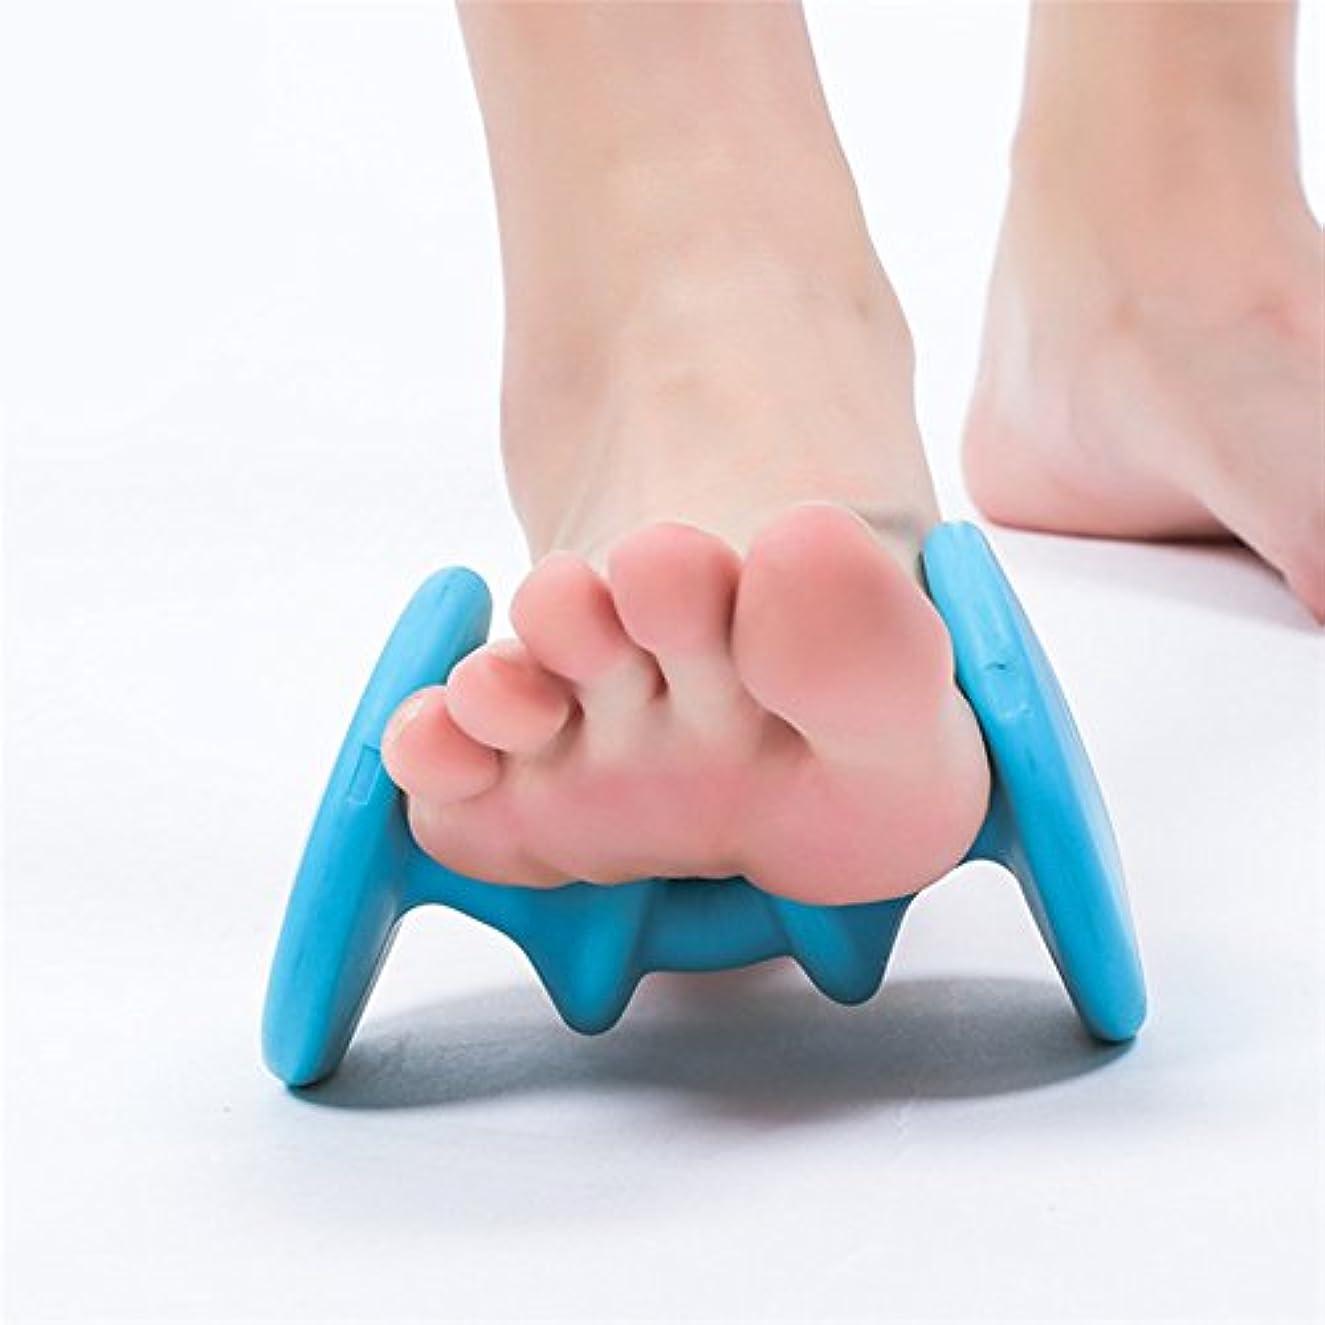 刻む不可能な登るRabugoo 足のマッサージローラーAcupoint快適なリラクゼーションマッサージ装置のフットケアツール